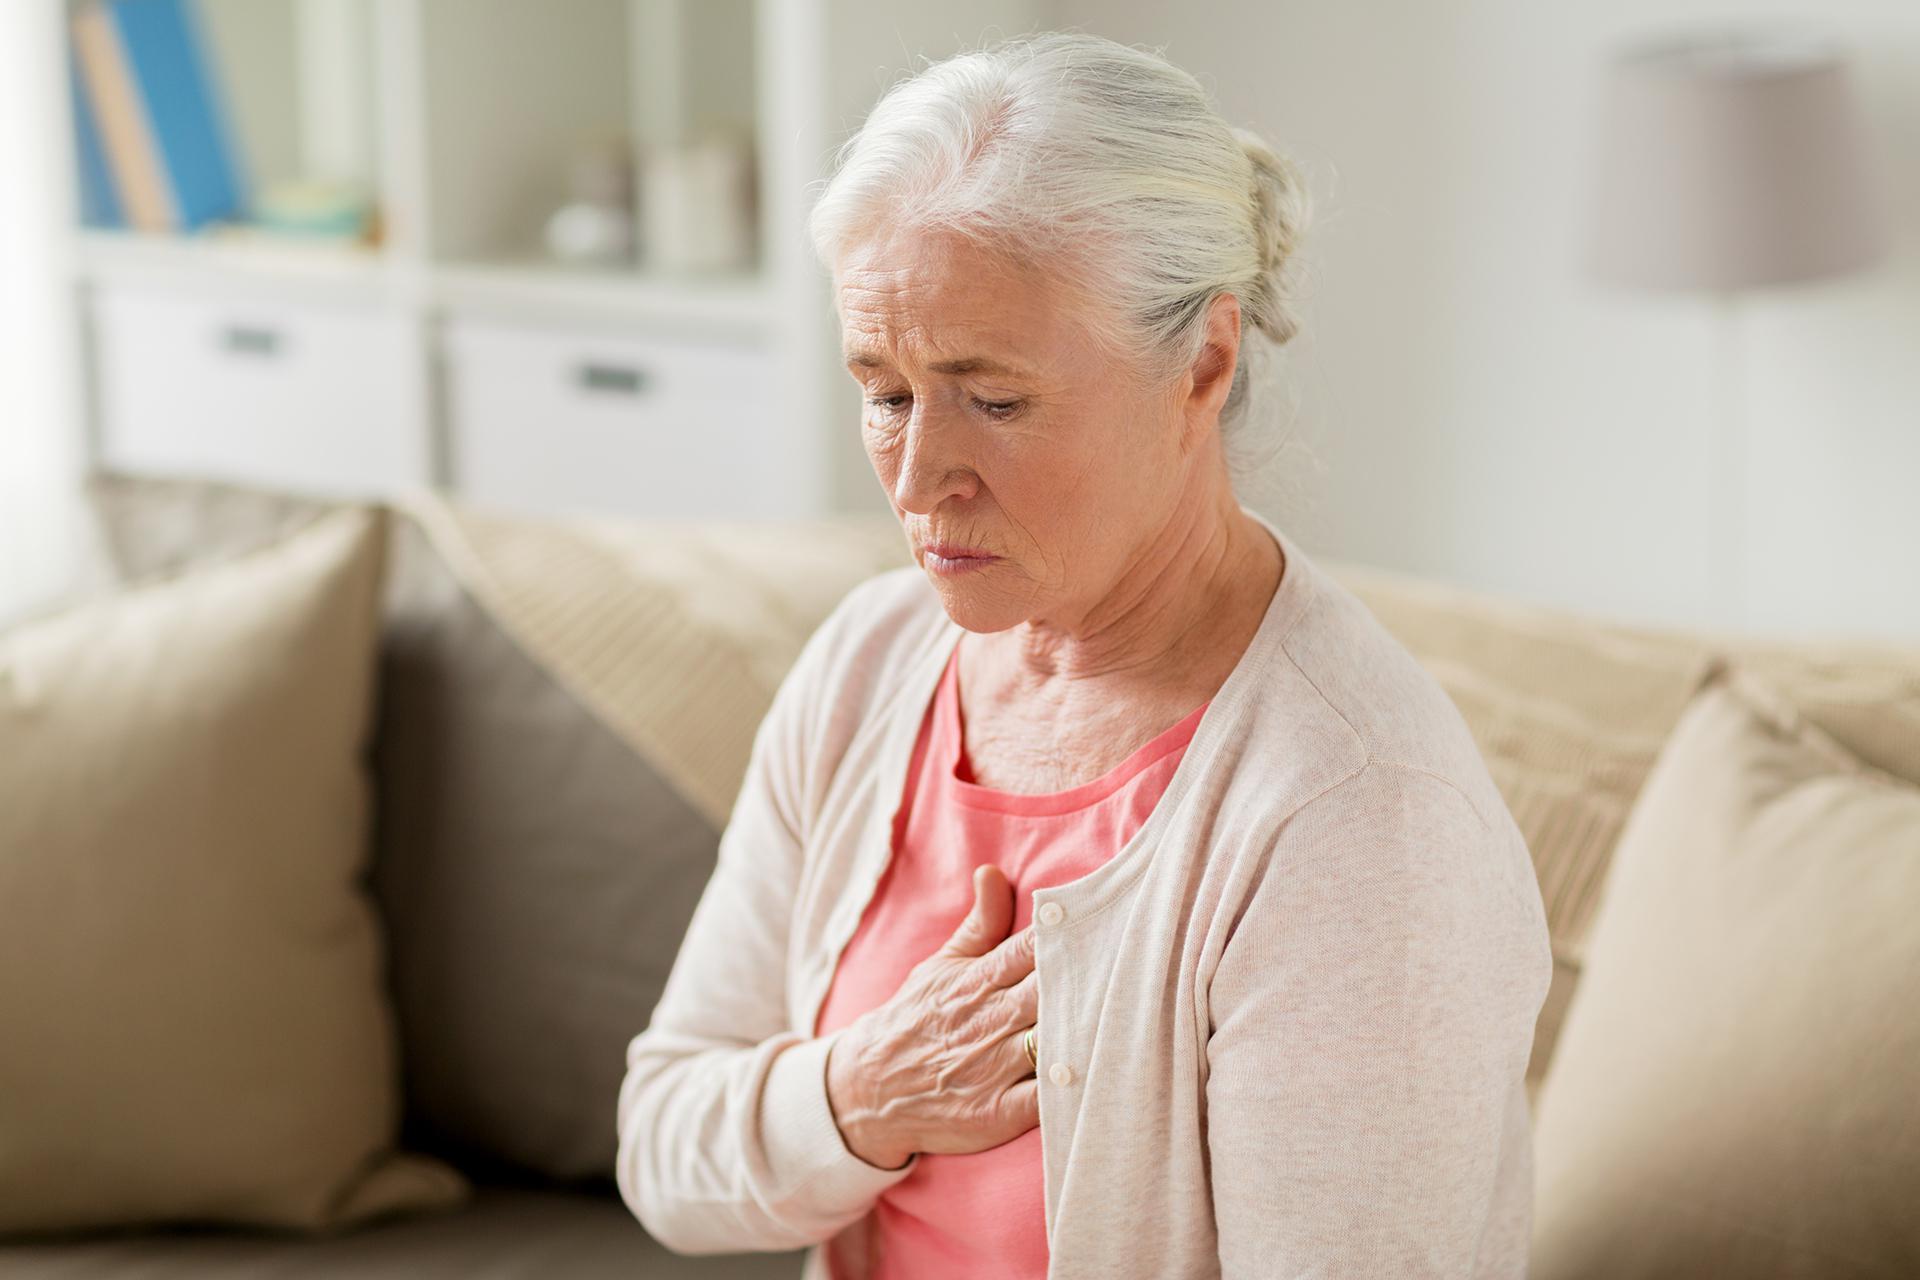 heart-patient-burbank